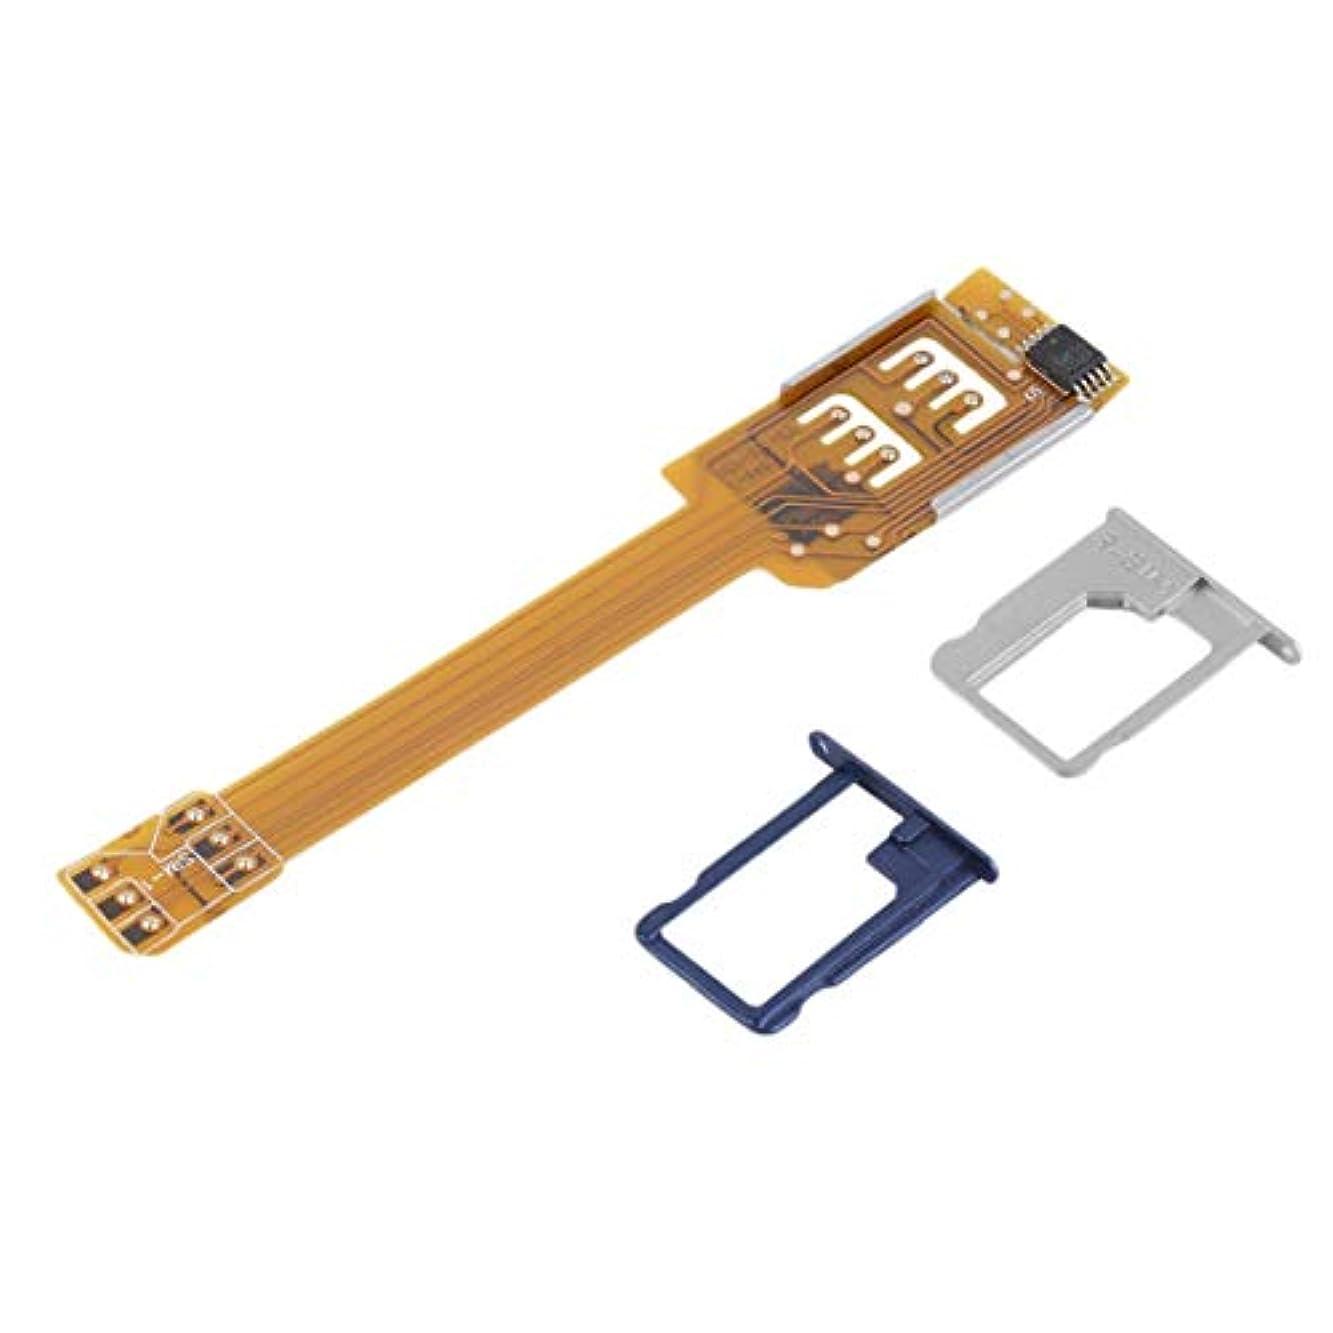 ペンブロッサム虐殺Kongqiabonaイエロー耐久性のある携帯電話ダブル二重SIMカードアダプタサムスンのための2つのSIMを使用するあなたのSIMカードをカットする必要はありません